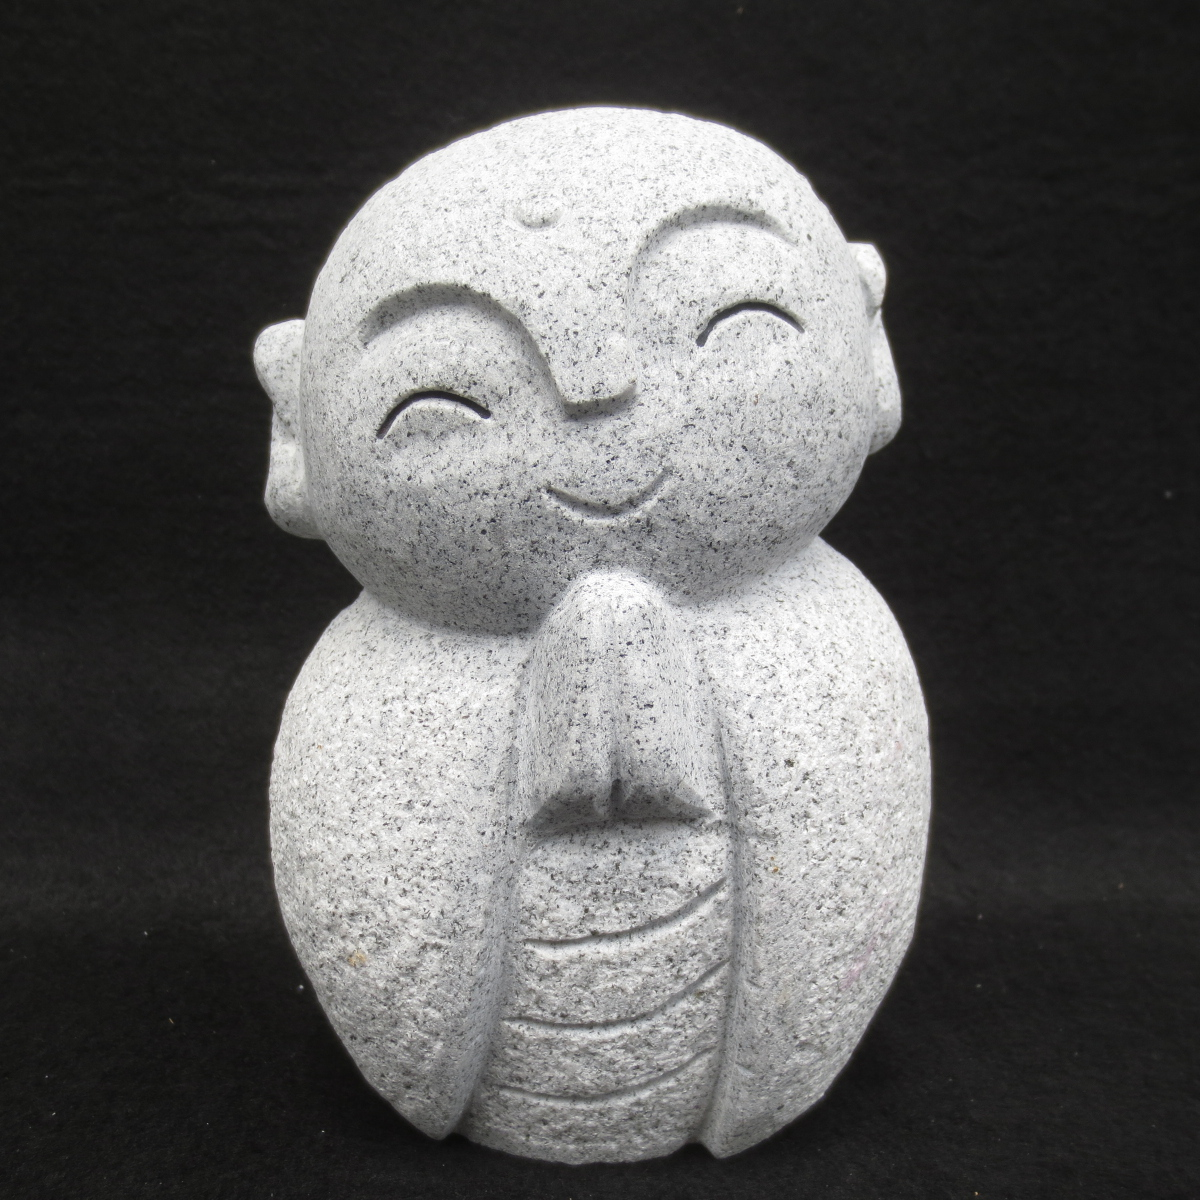 ちいさい かわいい おじぞうさん お地蔵さん 地蔵菩薩 仏像 癒しのかわいいい置物 彫刻品 癒しのお地蔵さん おじぞうさま GZ43-15 お得セット みかげ石 置物 奉呈 送料無料